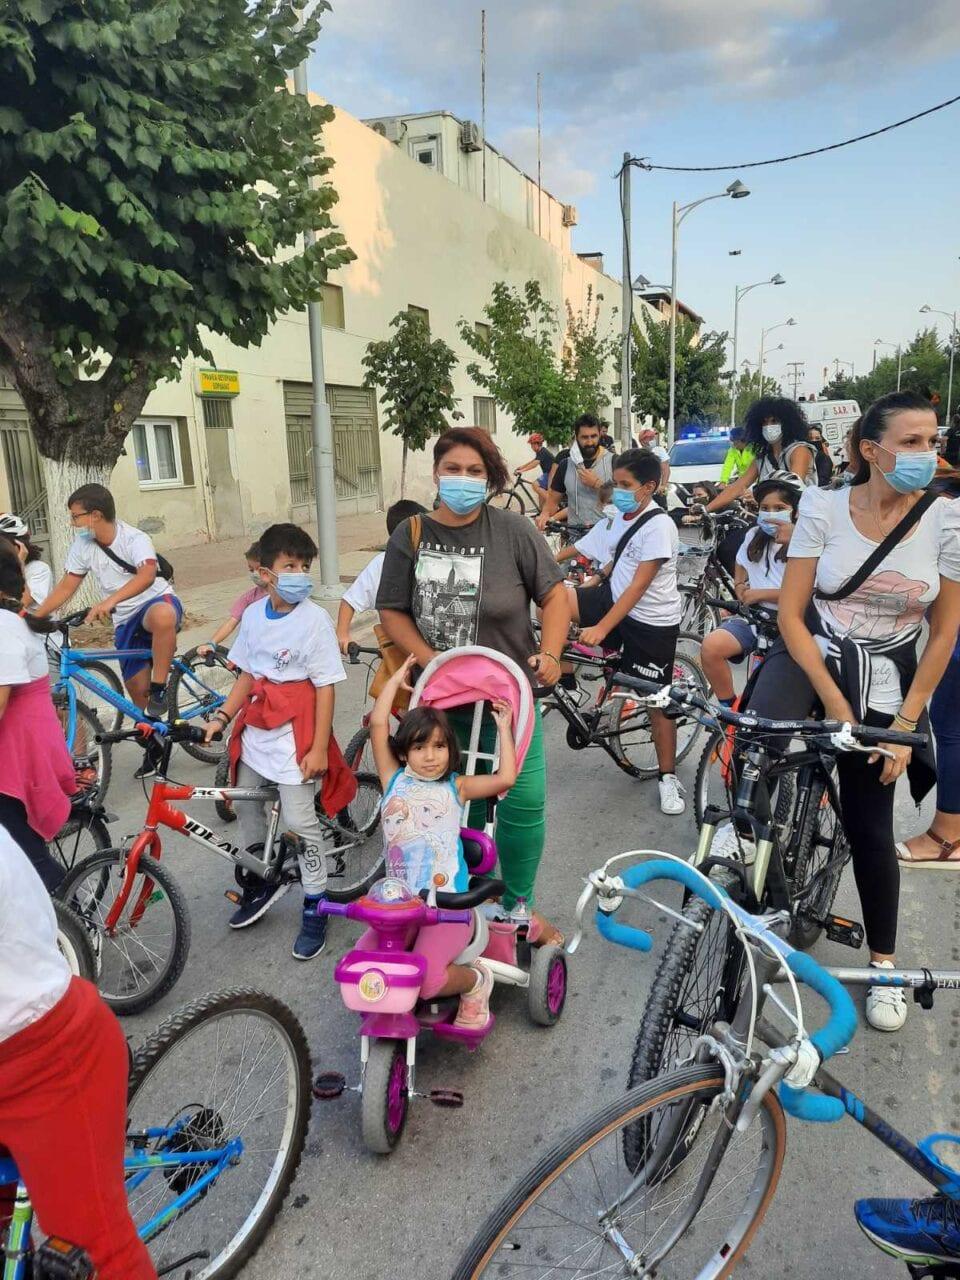 Στην εβδομάδα κινητικότητας του Δήμου Εορδαίας συμμετείχε ο ΣΠΑΡΤΑΚΟΣ